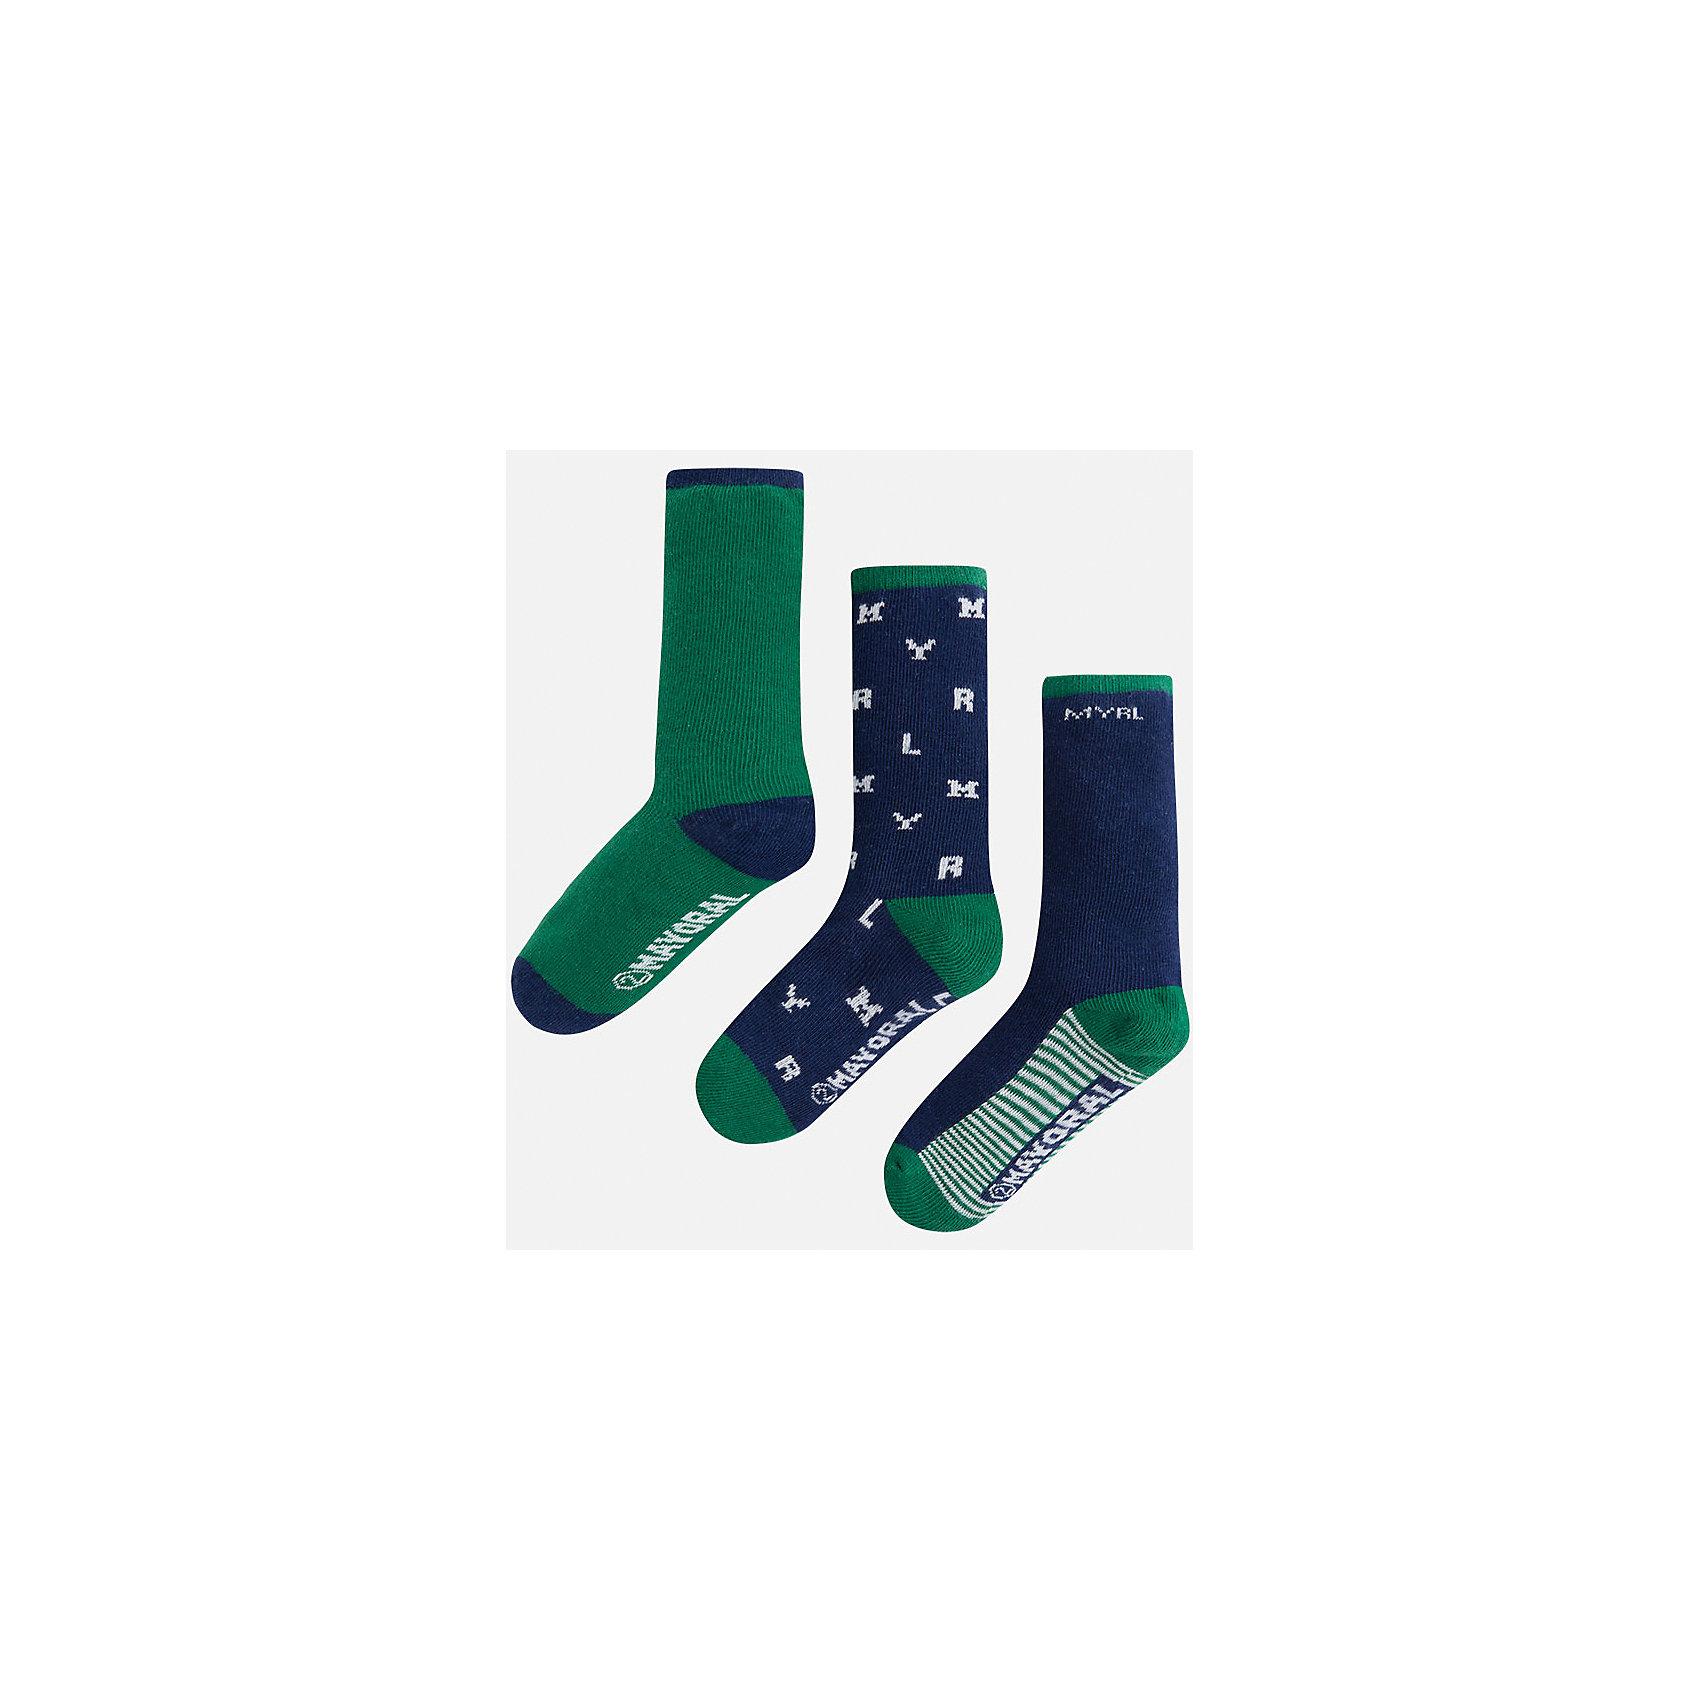 Носки для мальчика, 3 парыКомплект из 3 пар носков от известного испанского бренда Mayoral. Носки изготовлены из качественных и дышащих материалов. Каждая пара имеет разный оригинальный дизайн.<br>Дополнительная информация:<br>-цвет: зеленый, синий, белый<br>-состав: 72% хлопок, 25% полиамид, 3% эластан<br>Комплект носков Mayoral можно приобрести в нашем интернет-магазине<br><br>Ширина мм: 87<br>Глубина мм: 10<br>Высота мм: 105<br>Вес г: 115<br>Цвет: зеленый<br>Возраст от месяцев: 84<br>Возраст до месяцев: 96<br>Пол: Мужской<br>Возраст: Детский<br>Размер: 8,4,6<br>SKU: 4820121